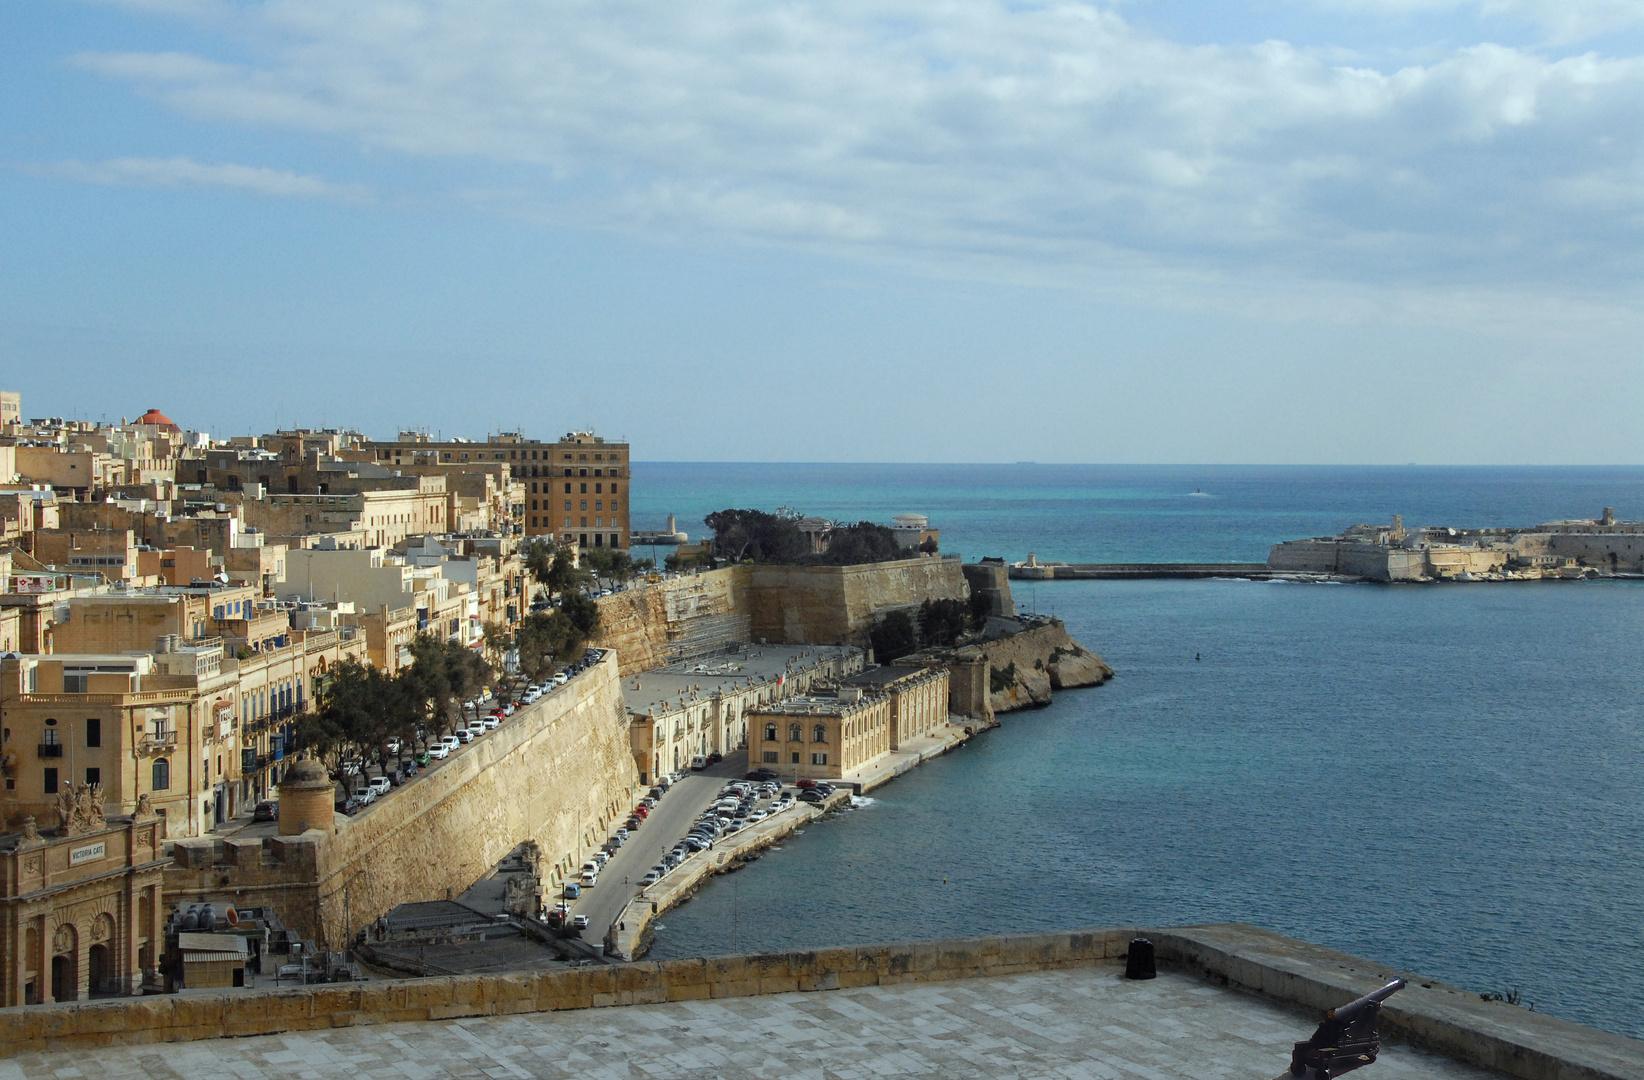 Hafeneinfahrt der Festungsstadt Valetta auf Malta